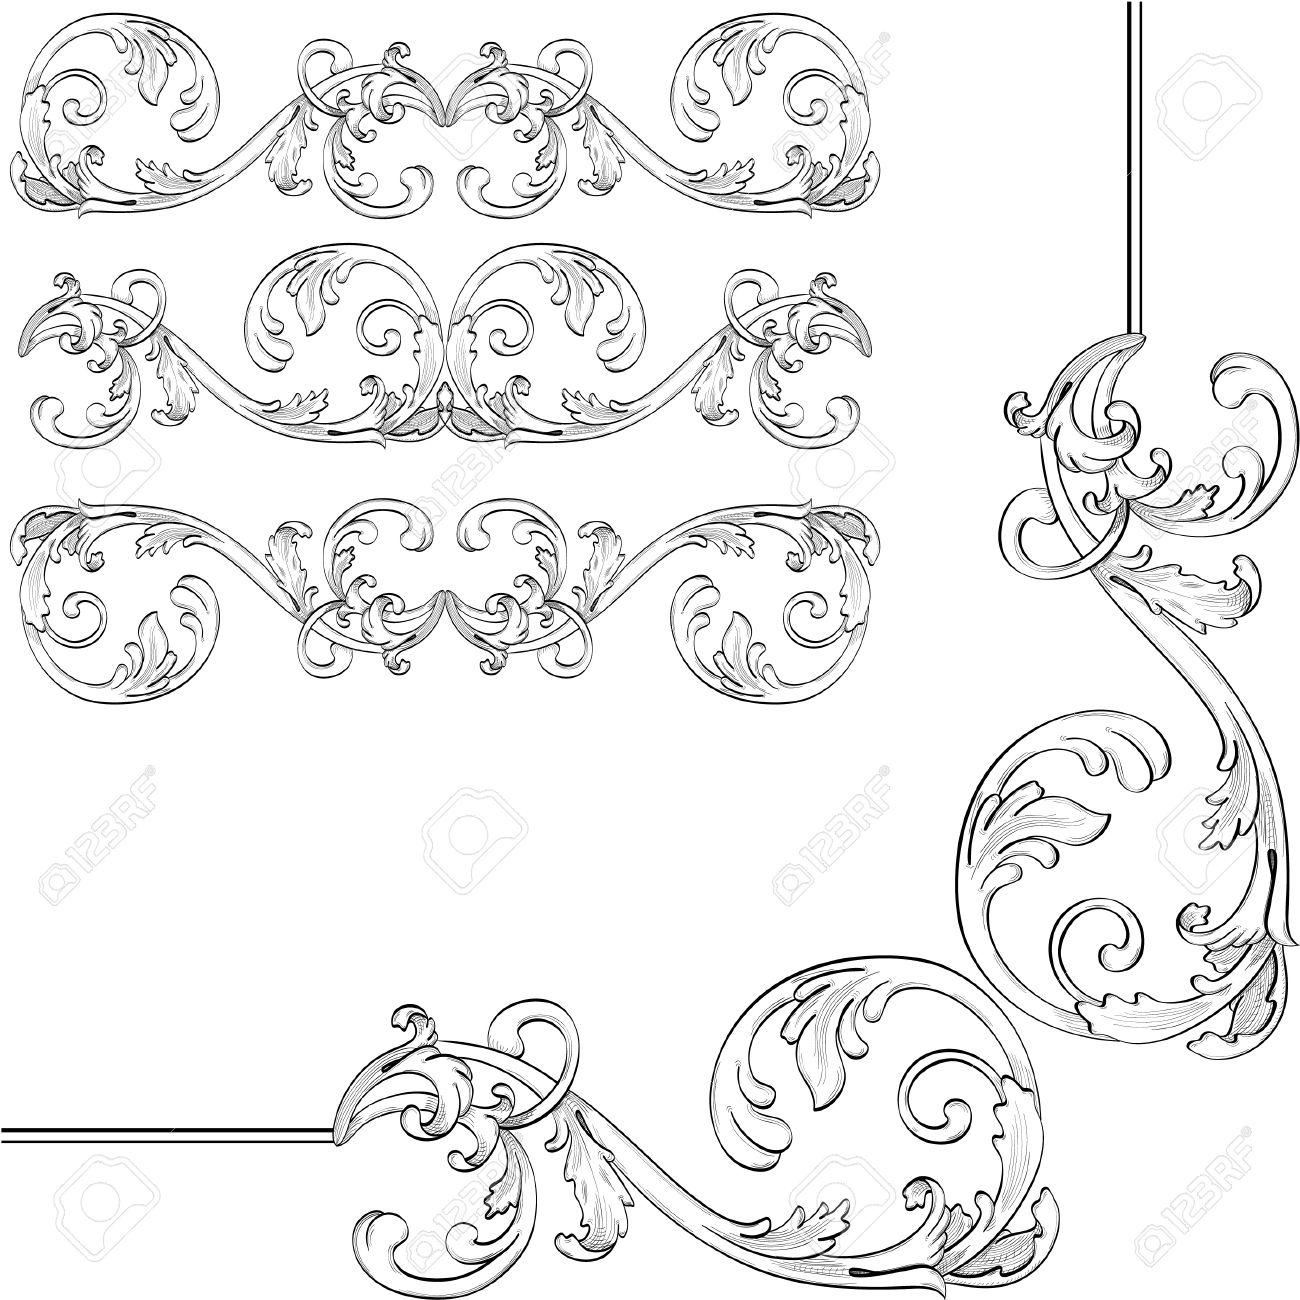 Nice design elements for best ones Stock Vector - 14335852